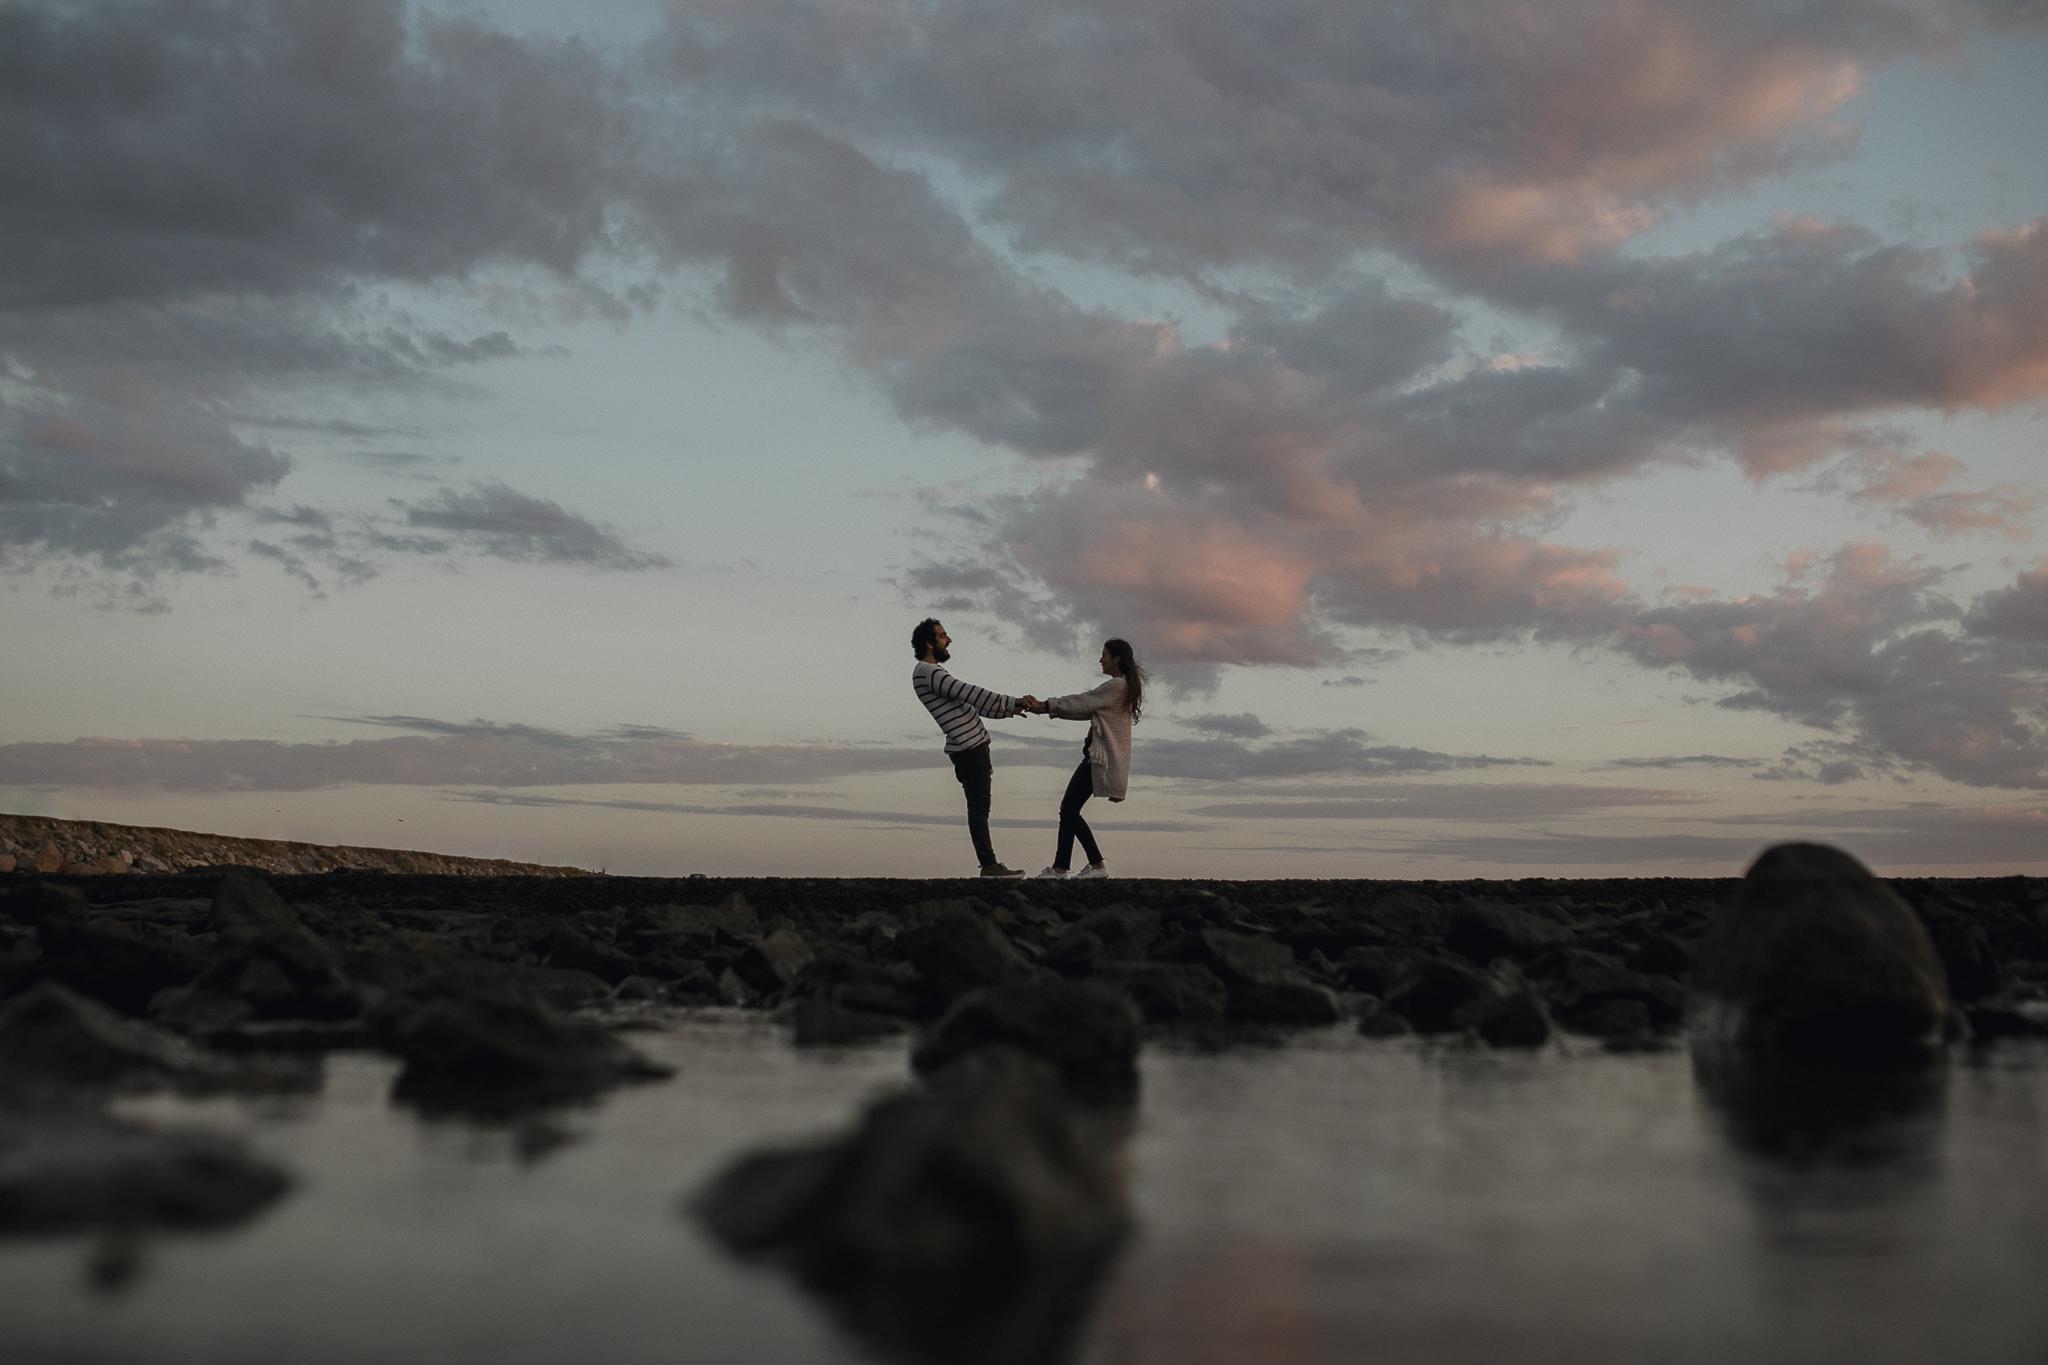 fotografos-de-boda-uruguay-punta-del-este - mika alvarez -